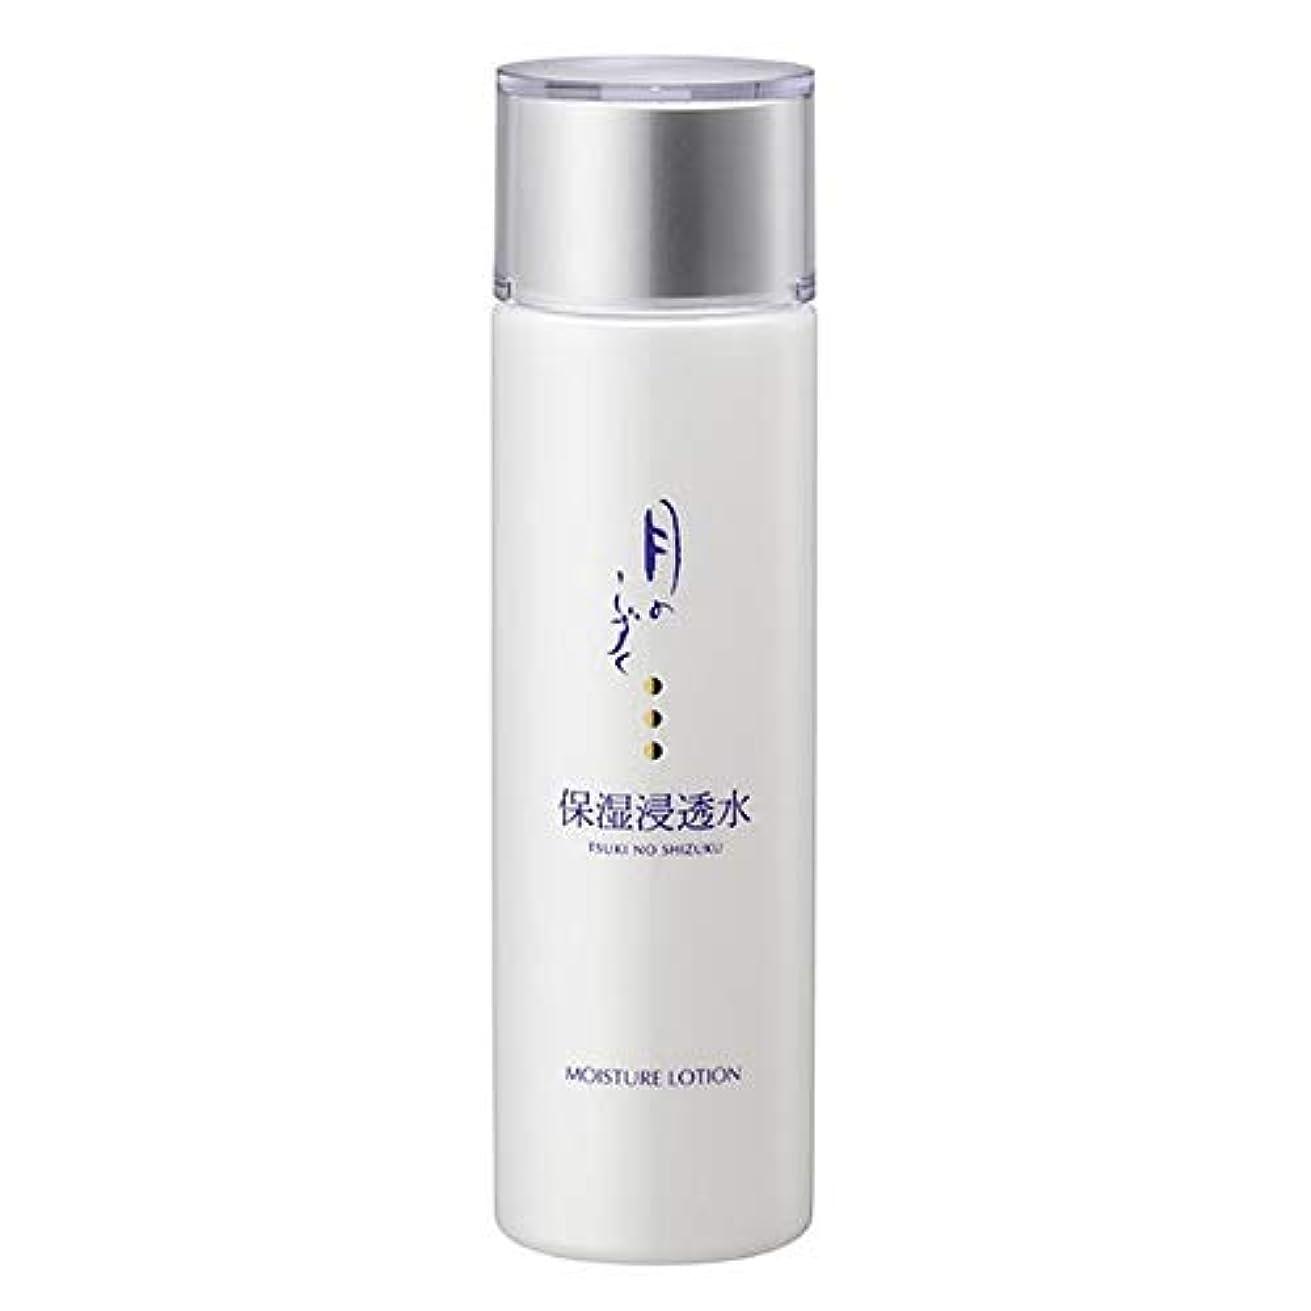 ノミネートタヒチ柔らかい足ゆの里温泉 月のしずく化粧品 月のしずく保湿浸透水 (保湿化粧水)